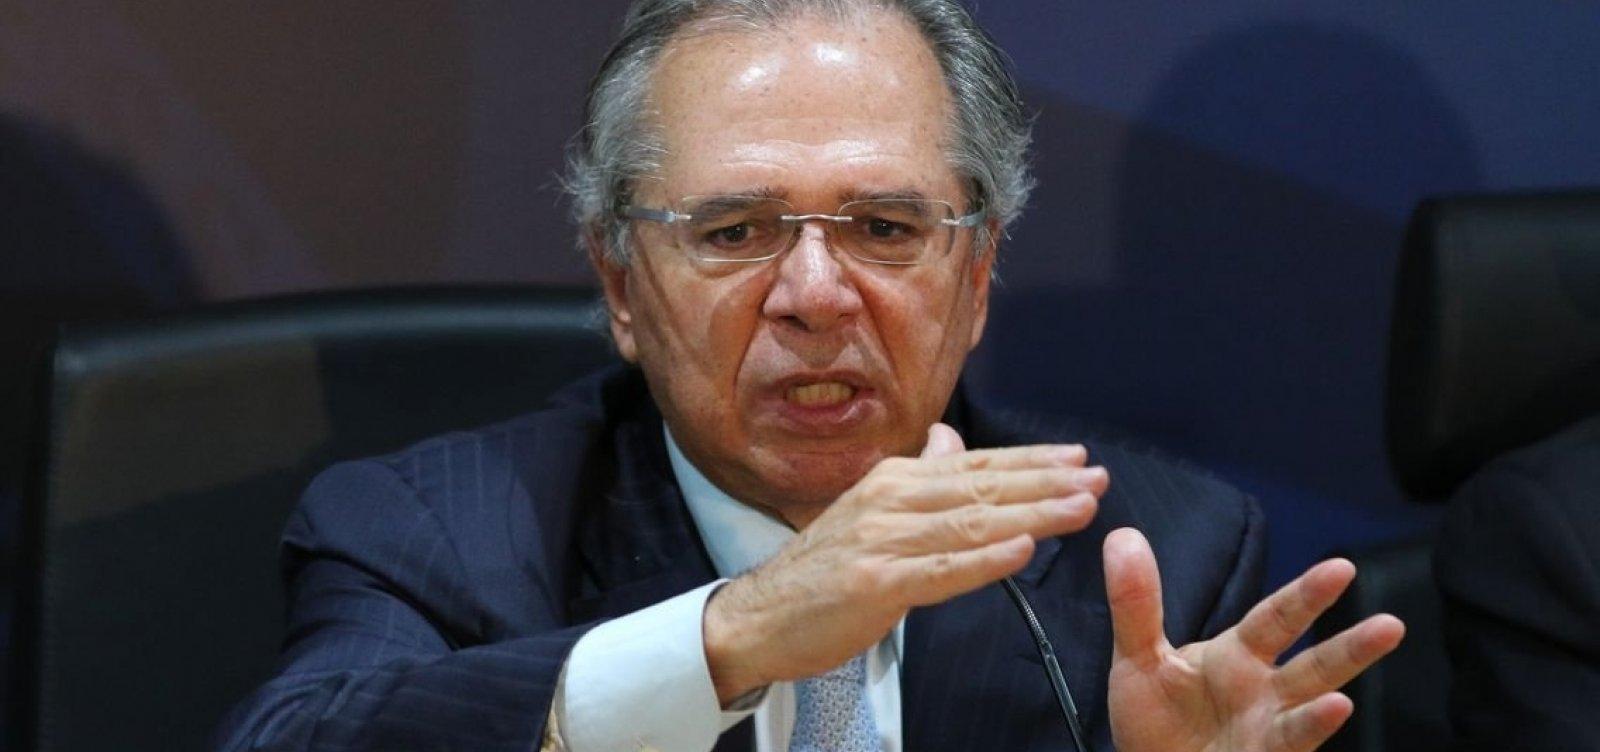 'Vamos acabar com o imposto sobre folha de pagamento', diz Guedes